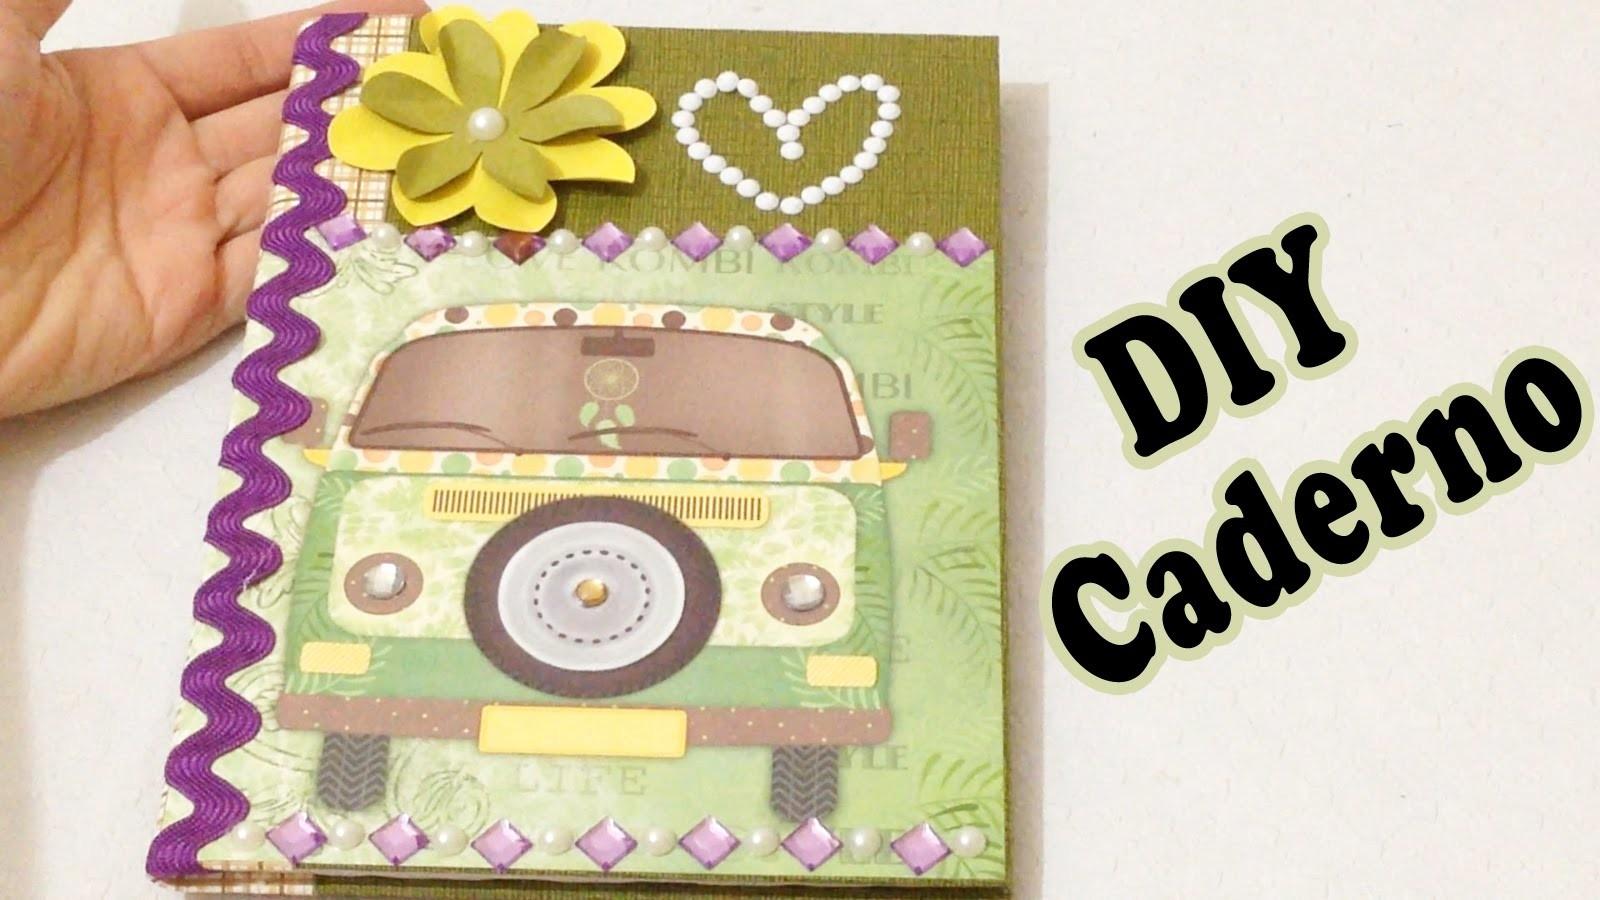 Customizando Caderno com Scrapbook Passo a Passo - DIY Artesanato